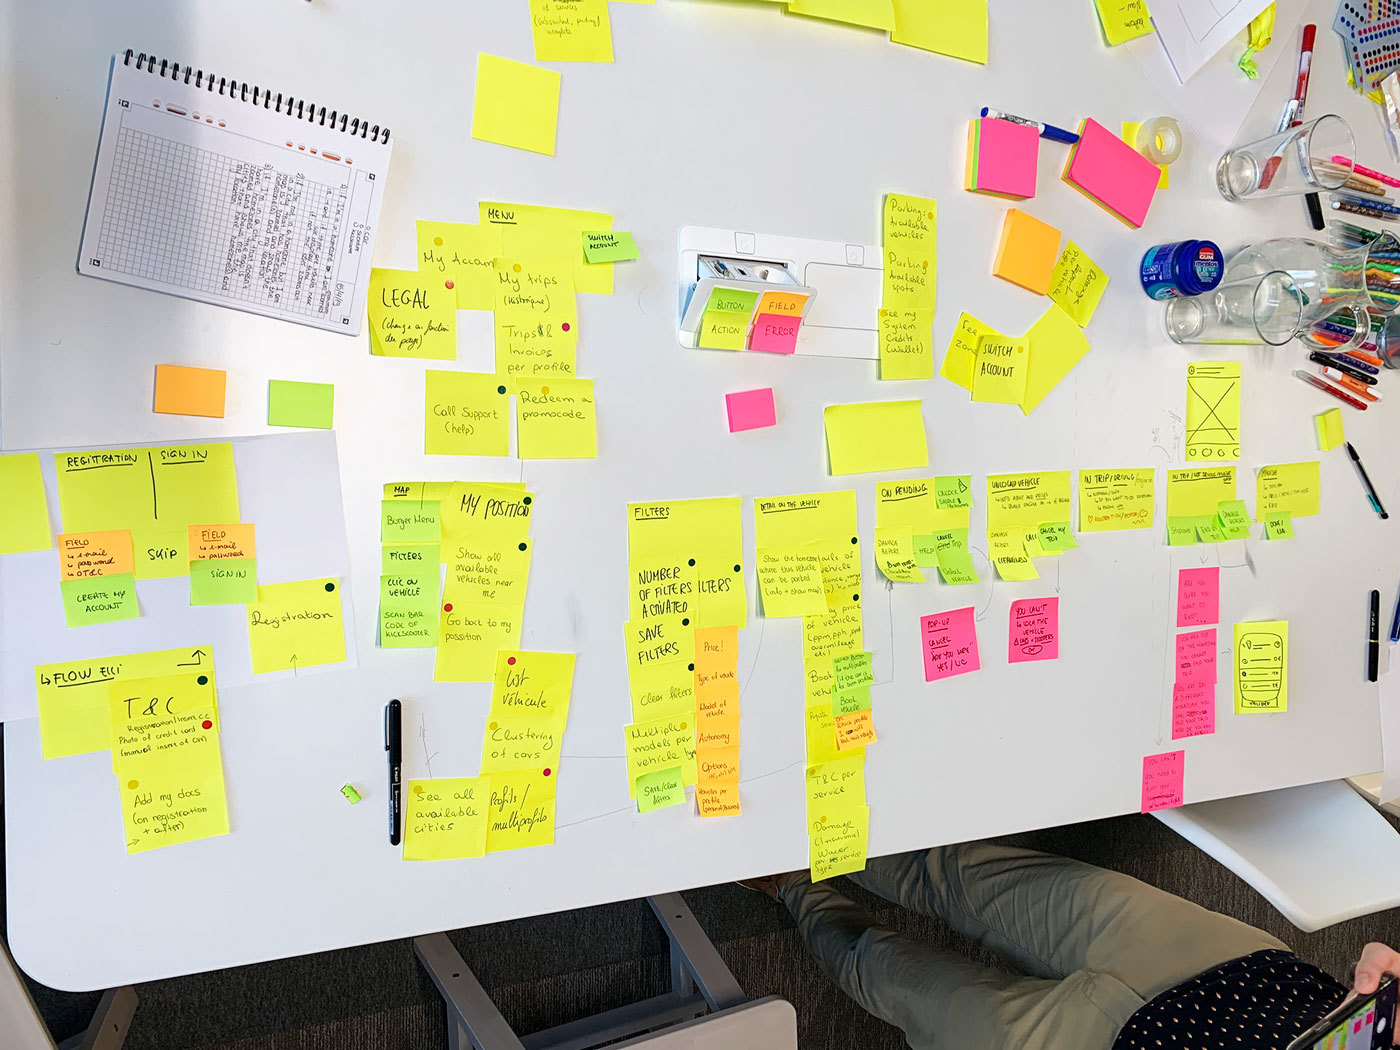 Vulog Nice Workshop Uxdesign3